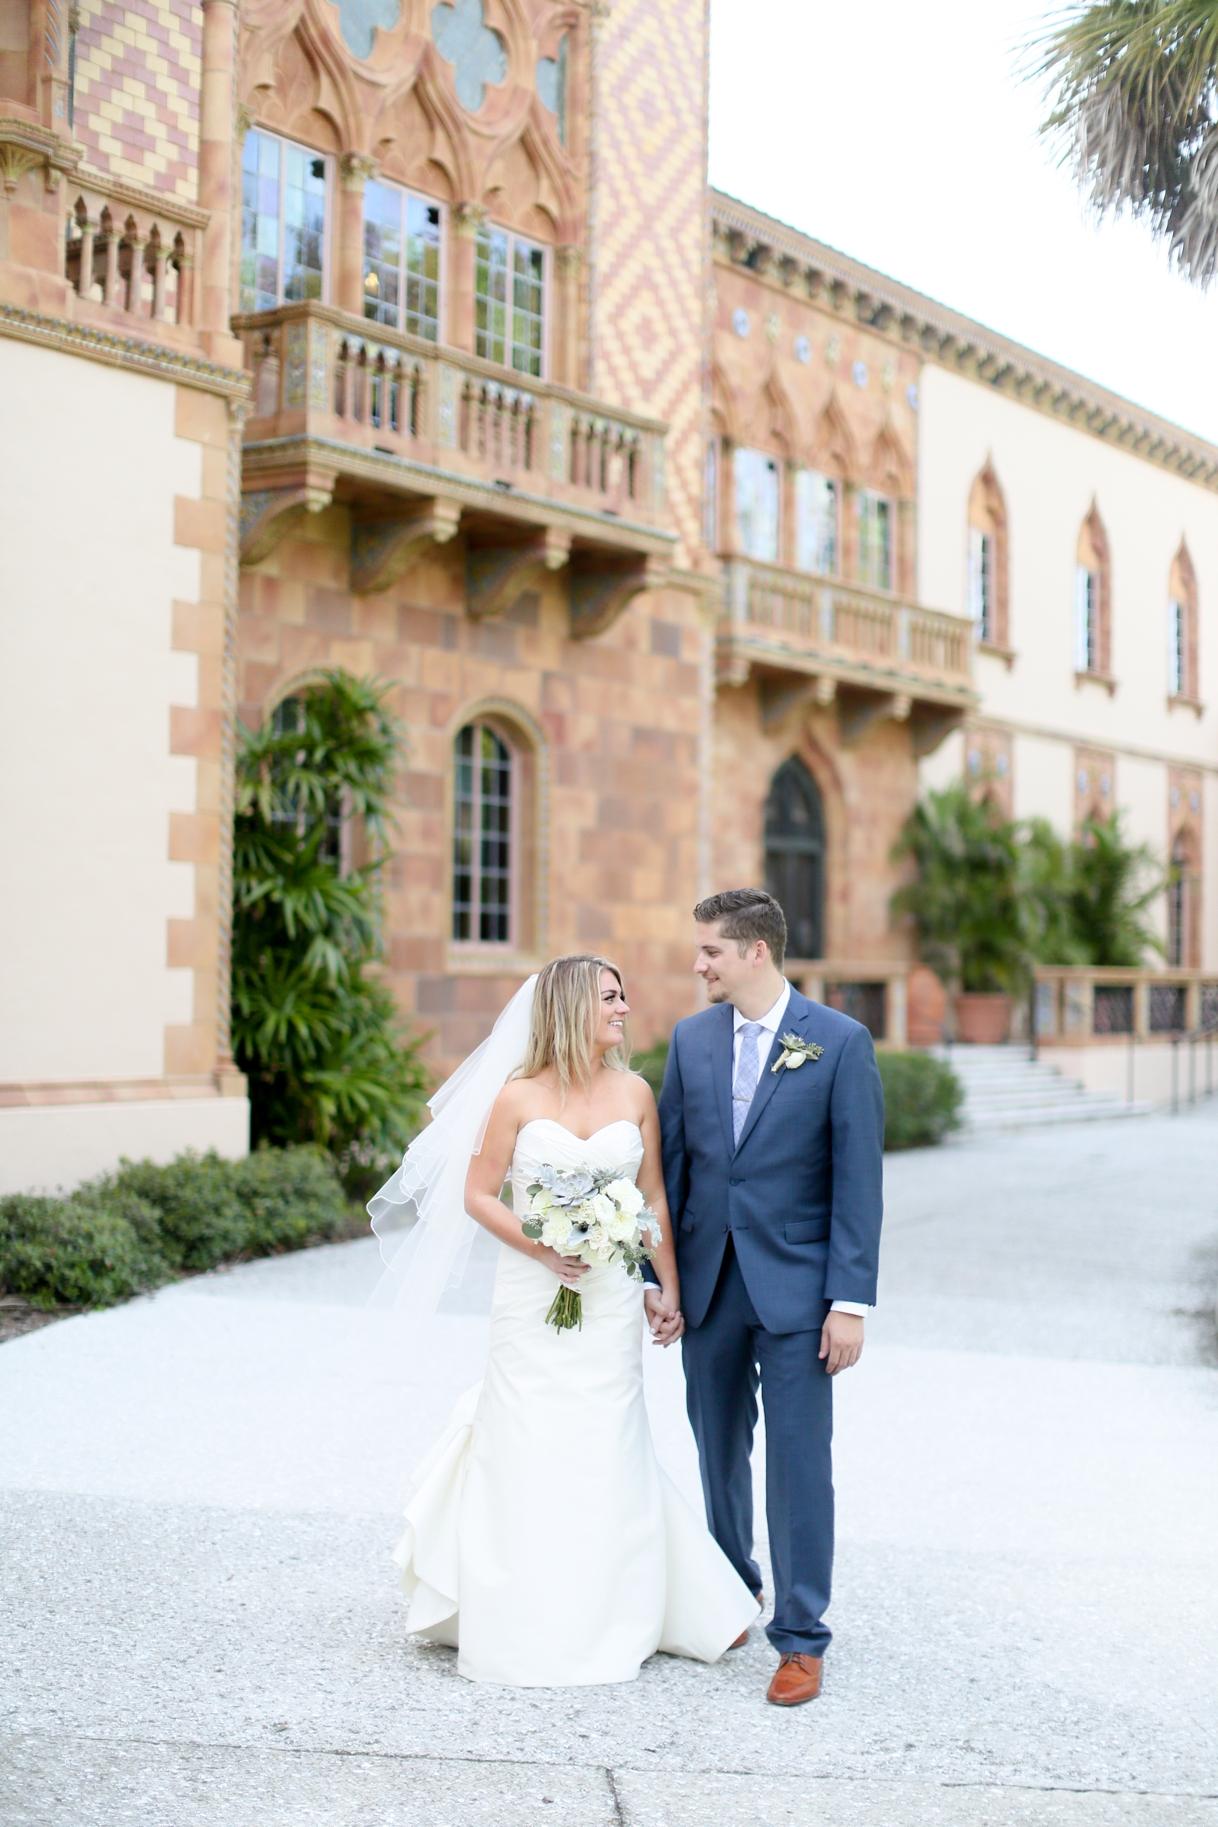 audreysnow-photography-Ringling-ca-dzan-mansion-sarasota-wedding-photographer_4130.jpg